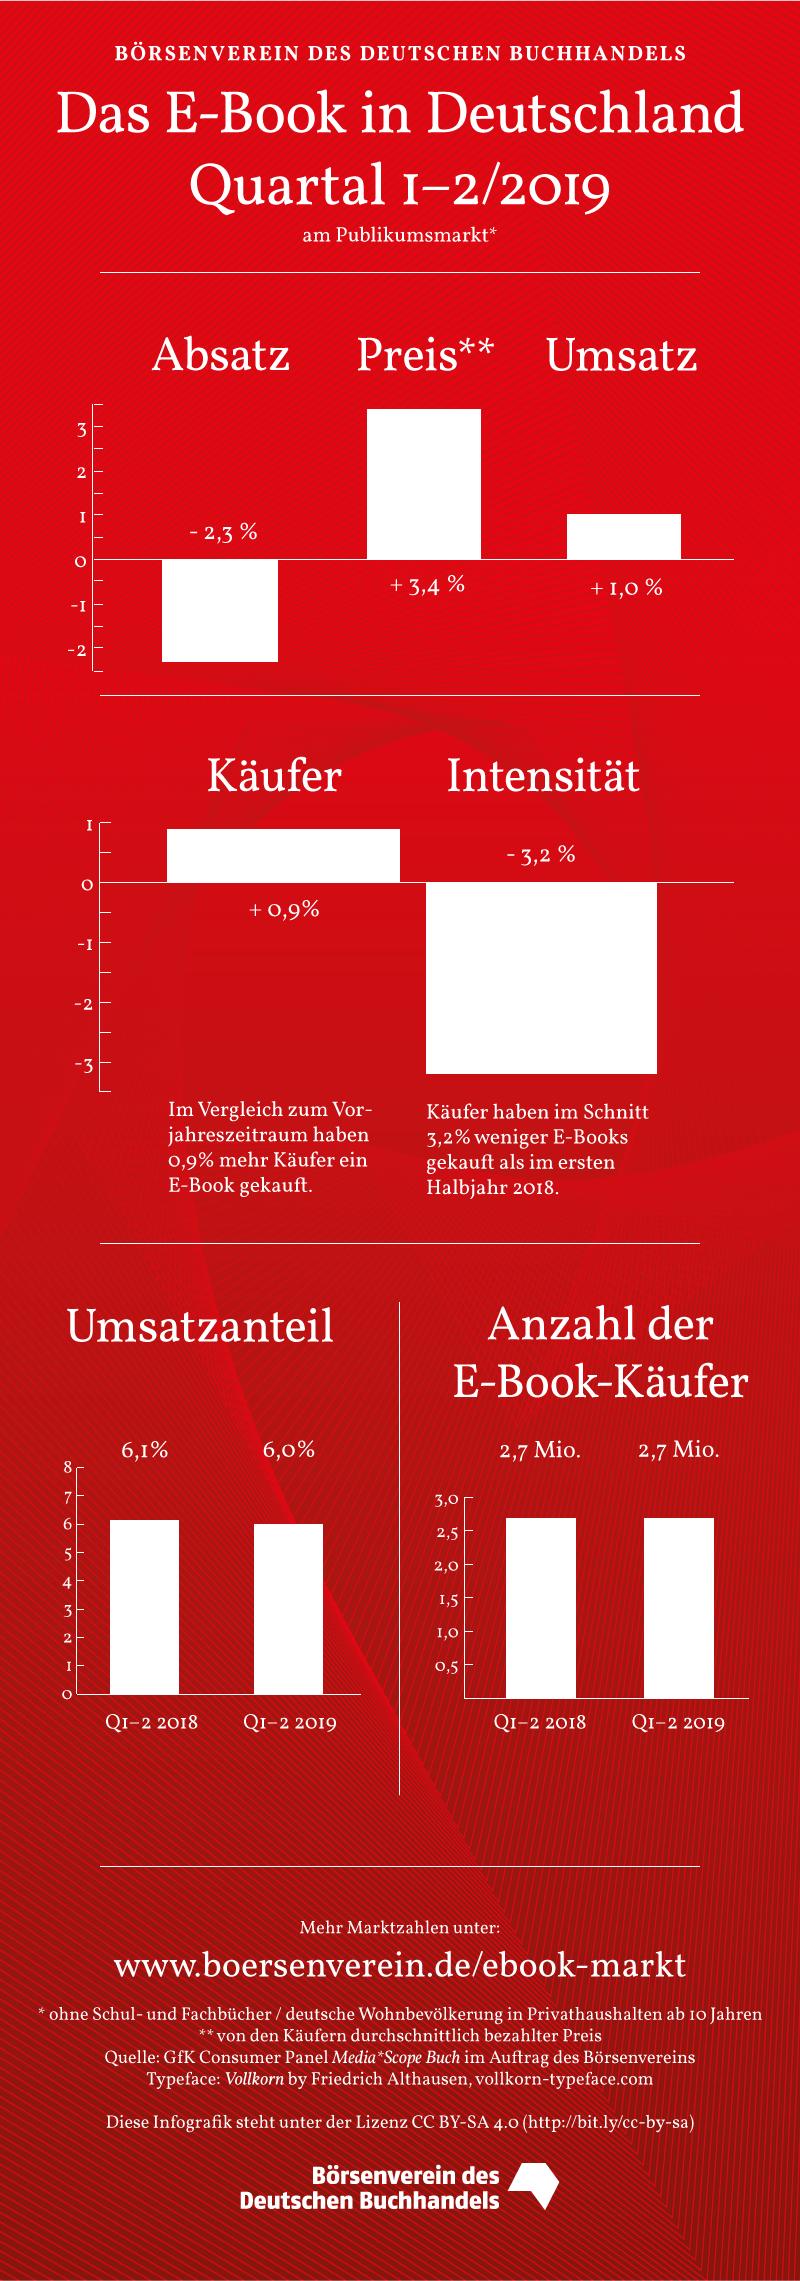 © Börsenverein